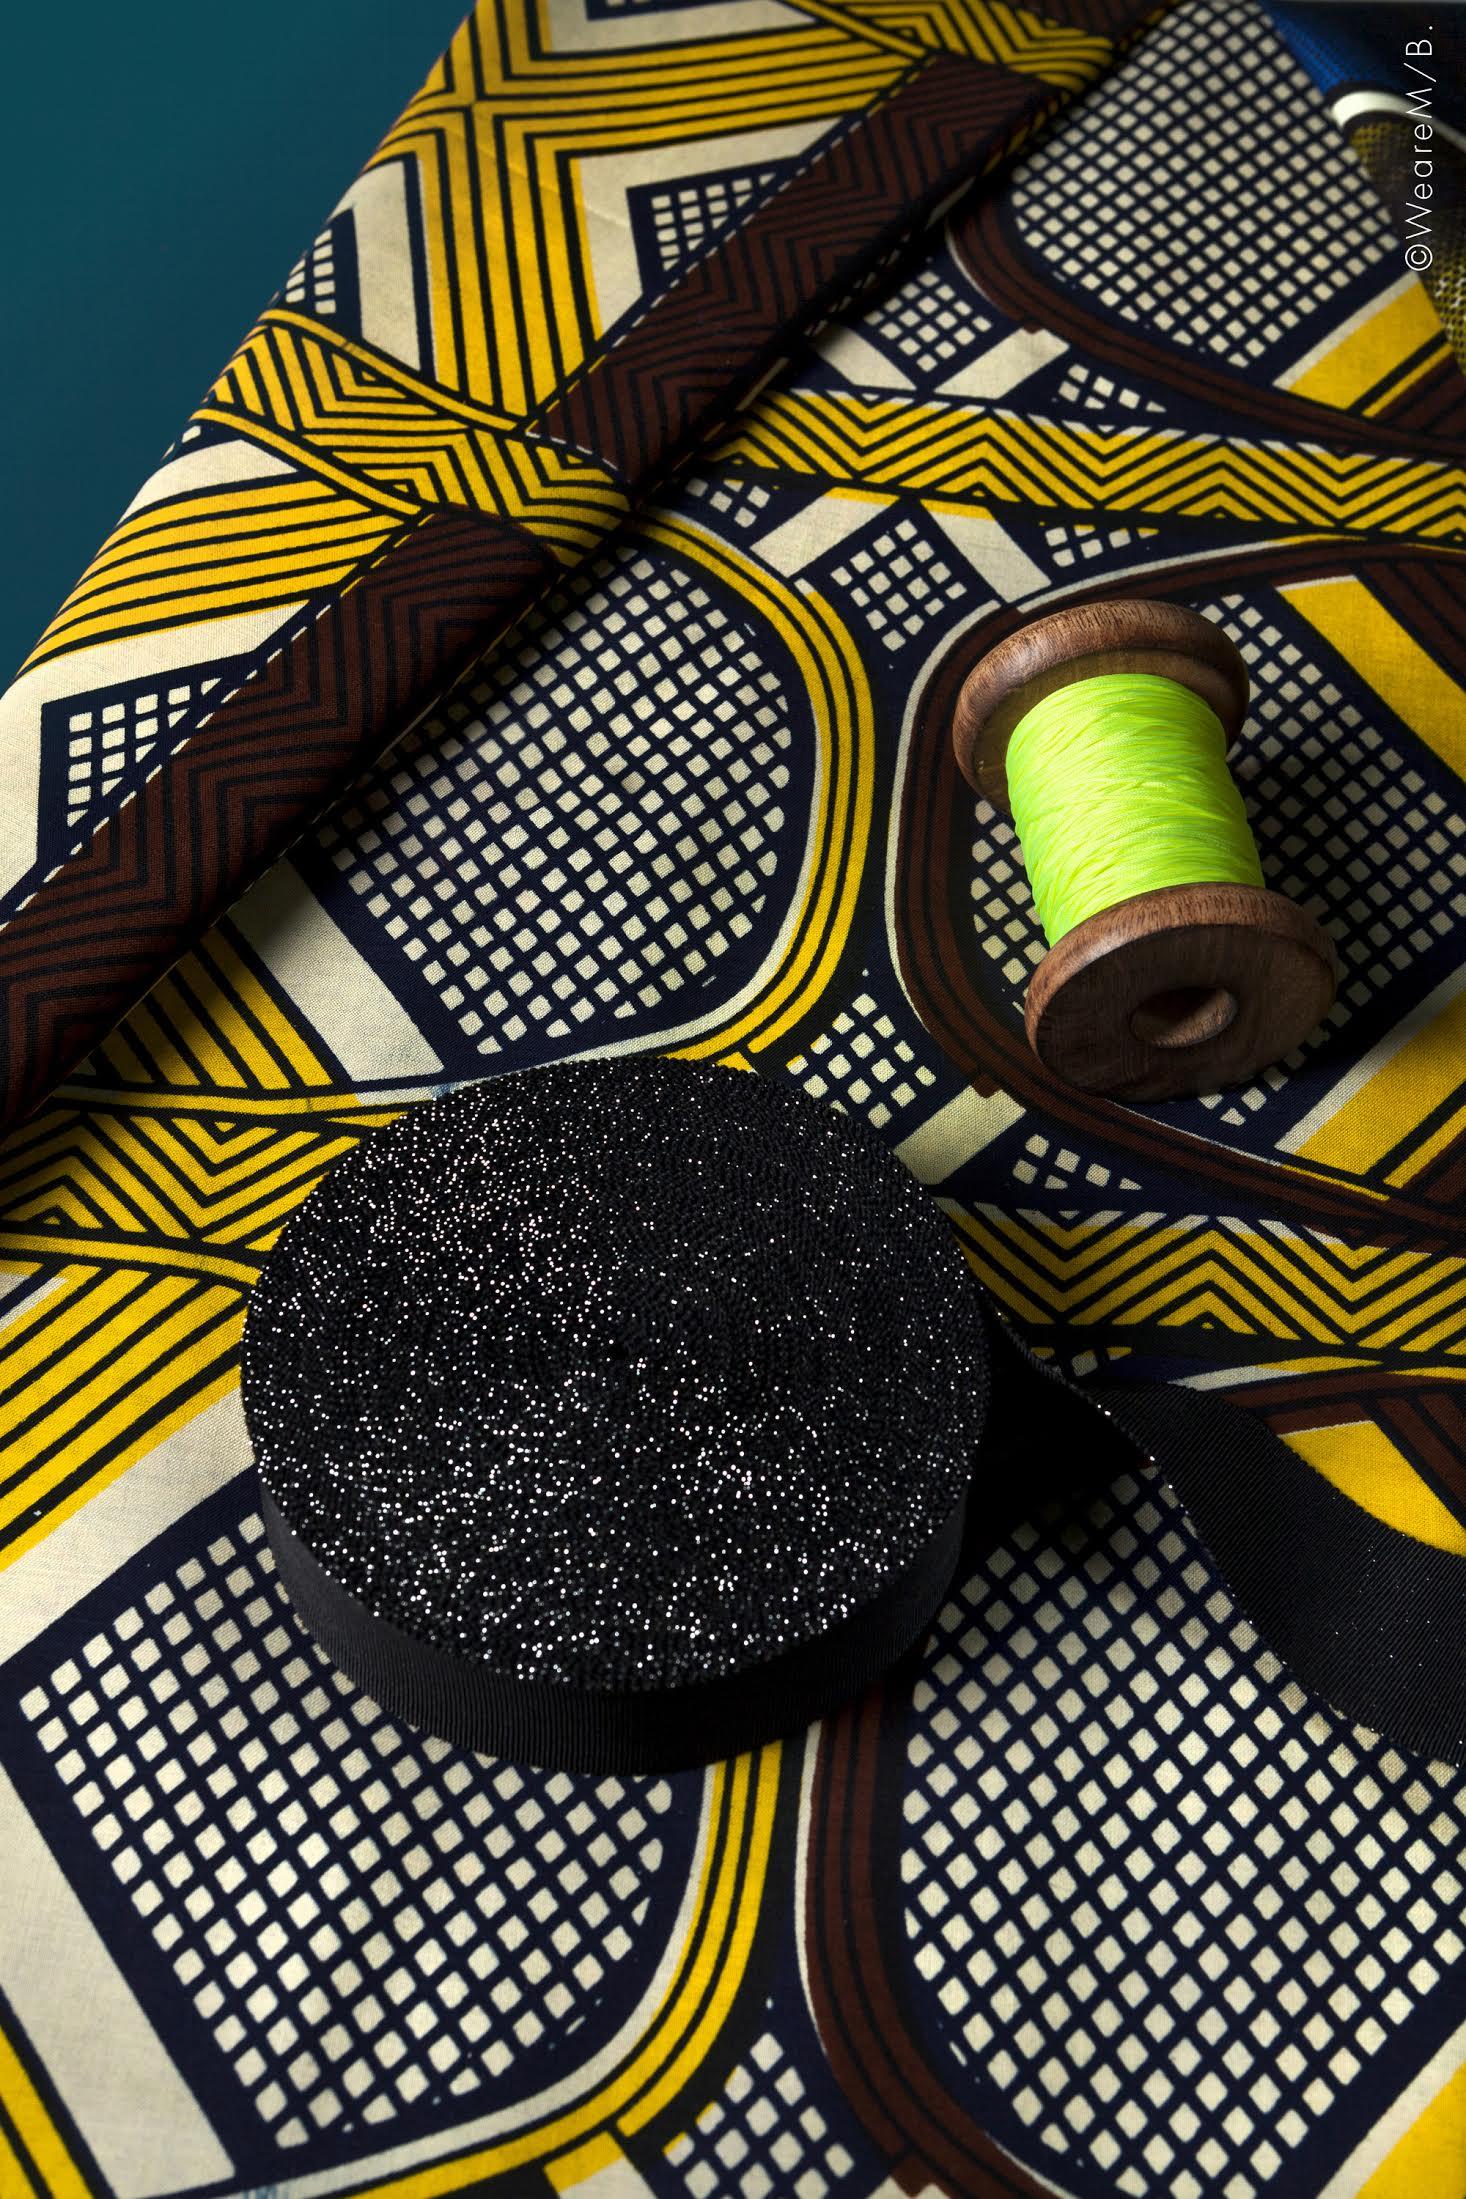 accessoires fil et couture mercerie milh romain paris. Black Bedroom Furniture Sets. Home Design Ideas